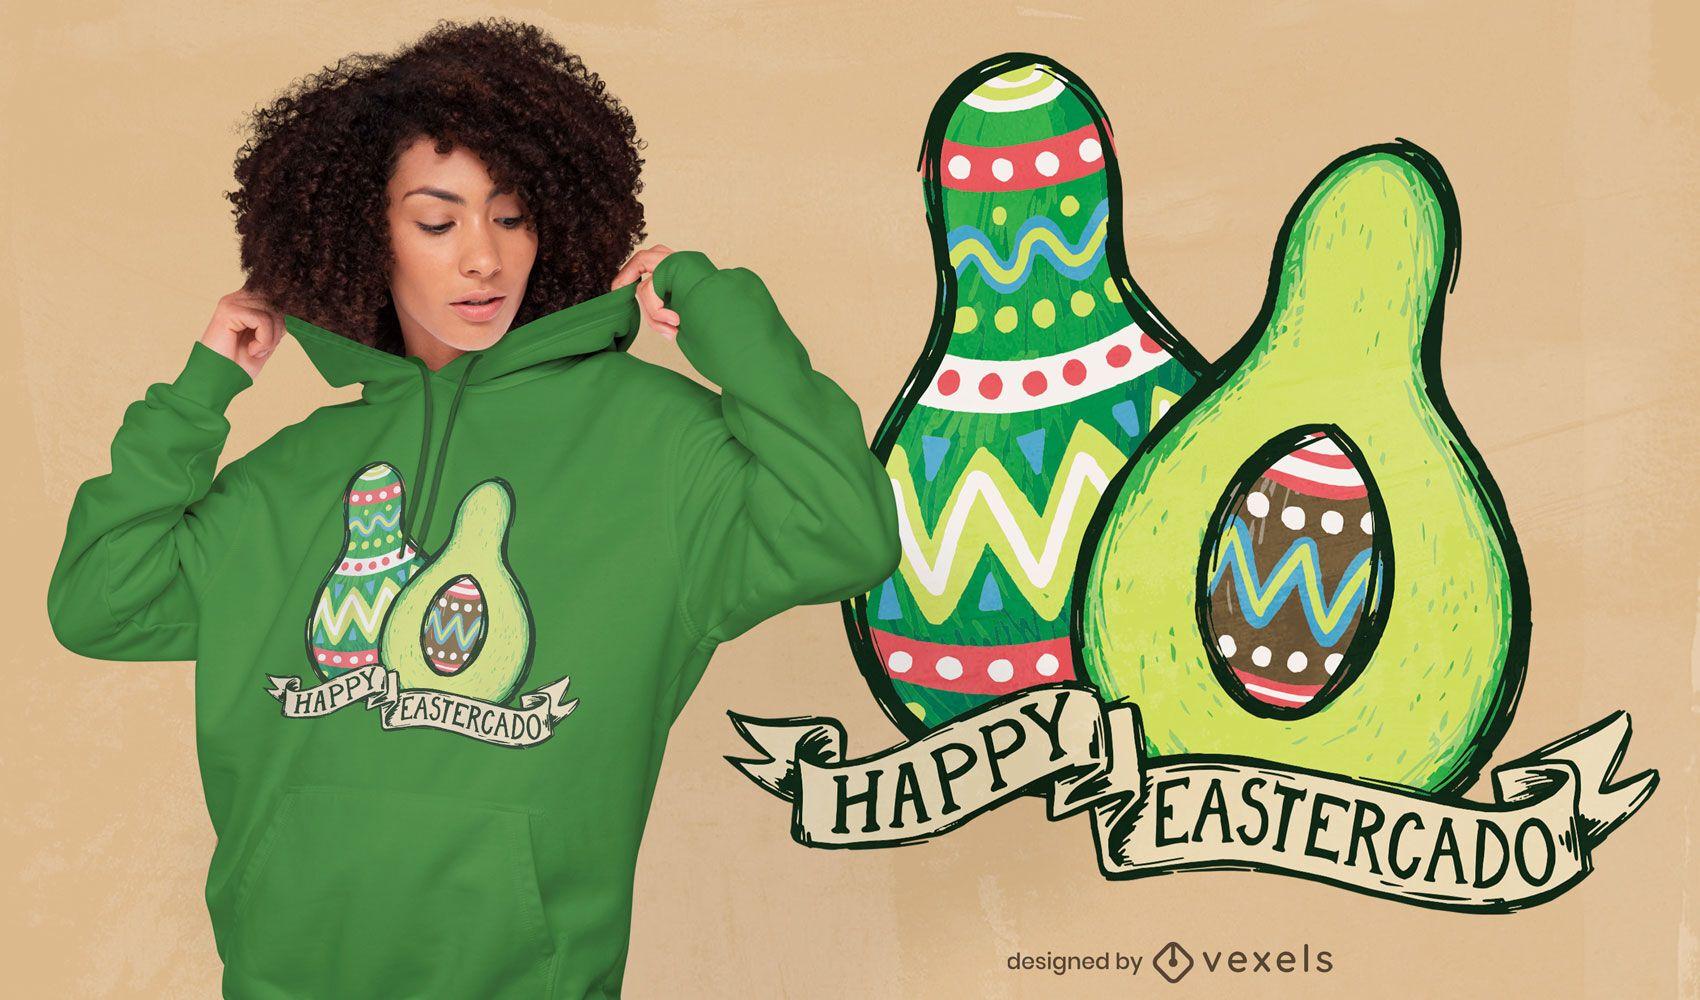 Diseño de camiseta happy eastercado